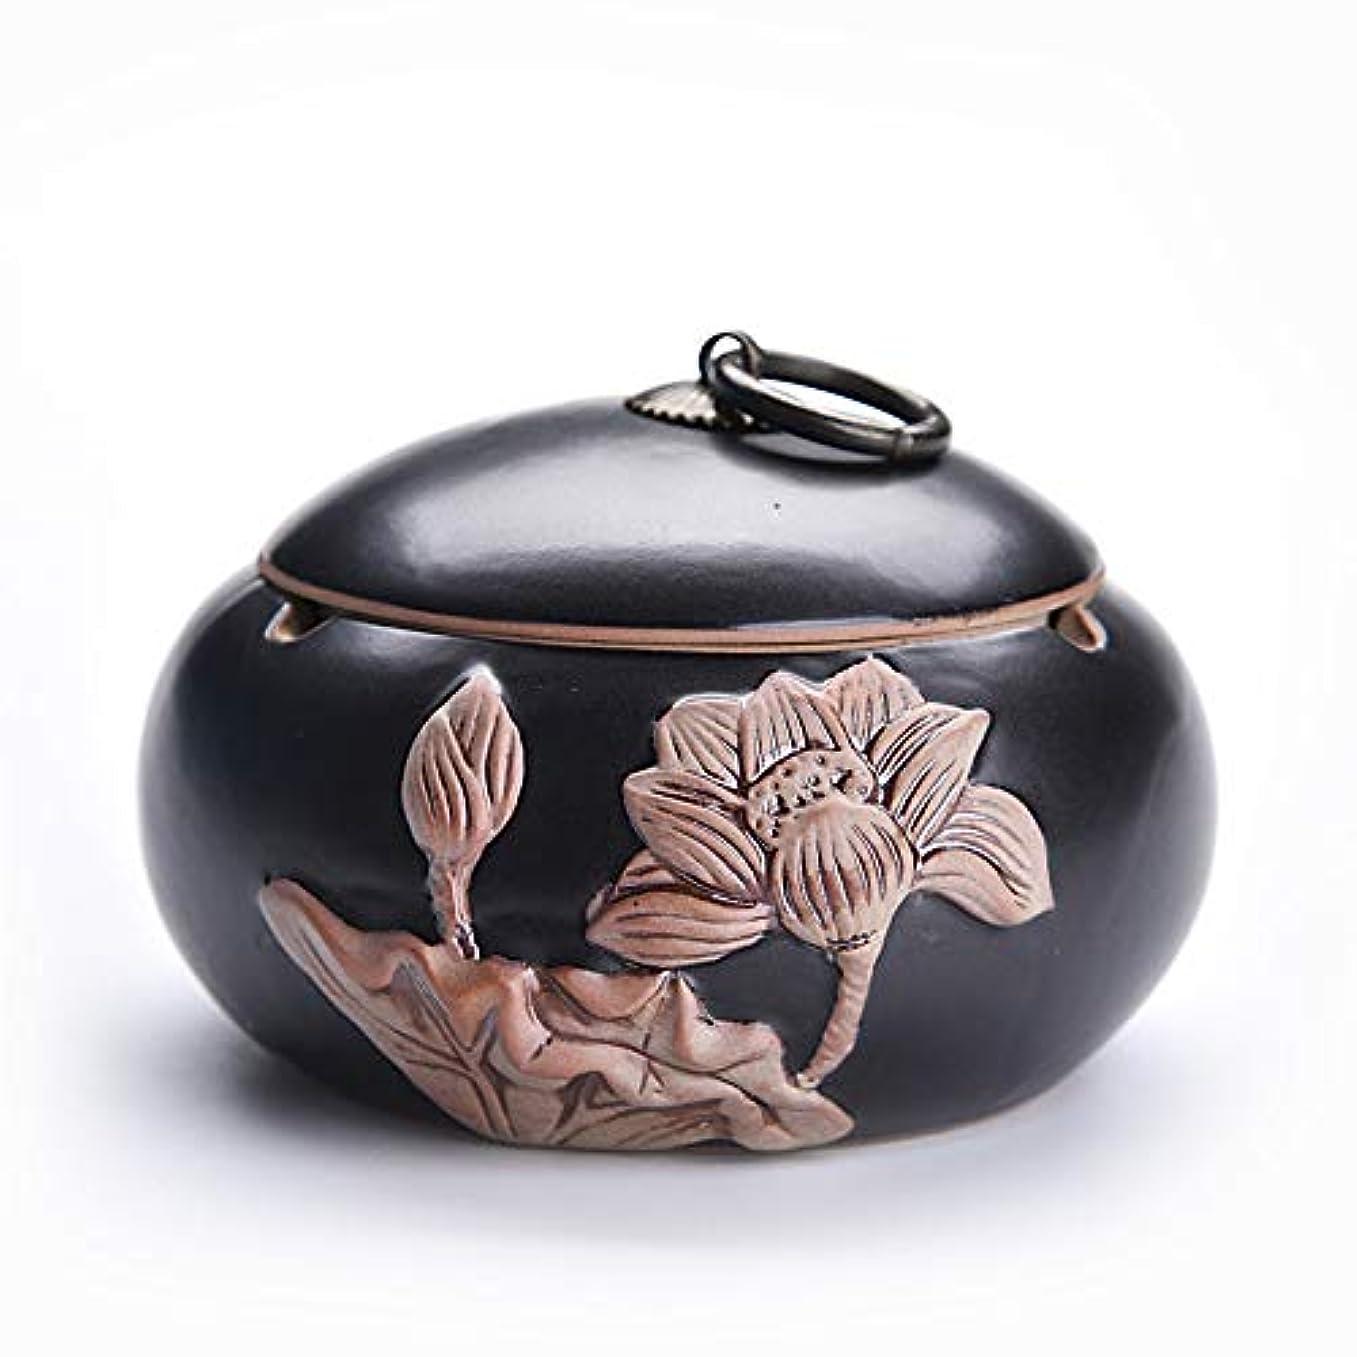 勝つトロリーバスクラシカル中国のレトロな創造的な鍋形セラミック灰皿ふた付き